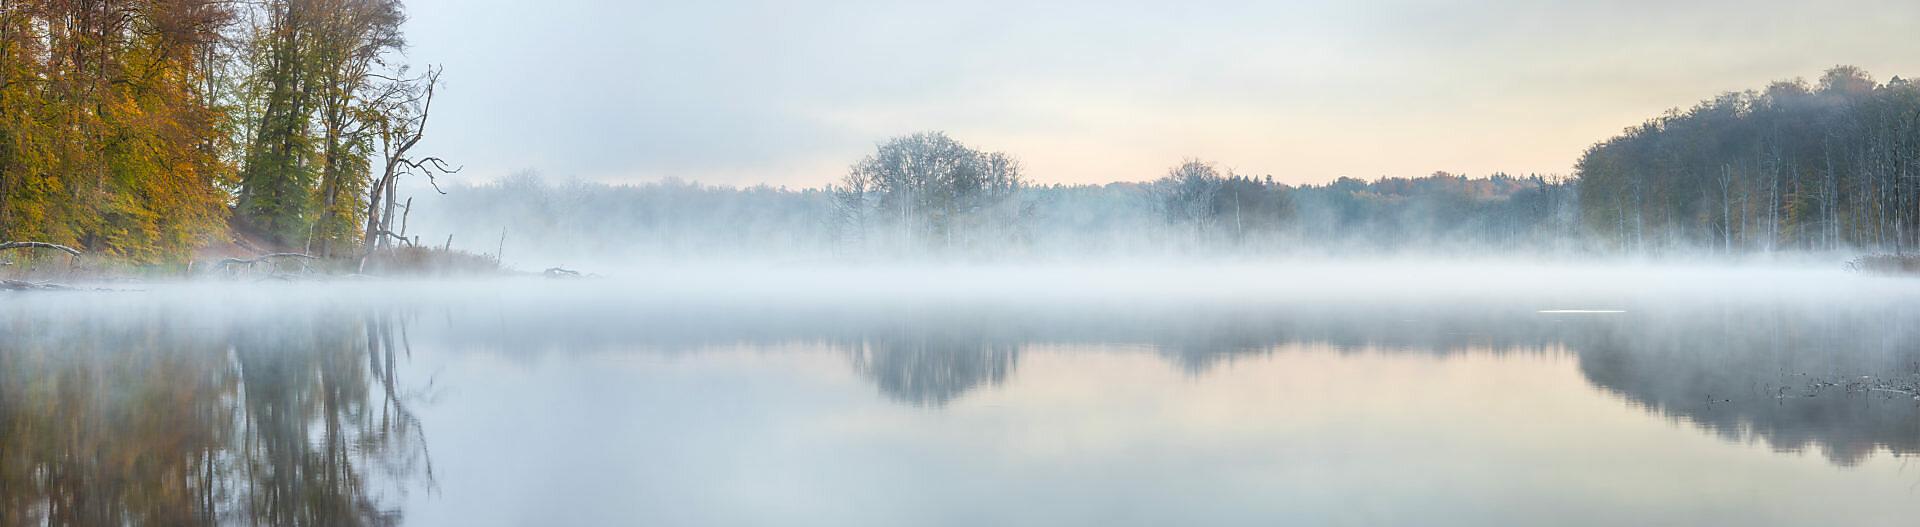 Deutschland, Mecklenburg-Vorpommern, Müritz-Nationalpark, Teilgebiet Serrahn, Morgennebel am Schweingartensee im Herbst, Panorama